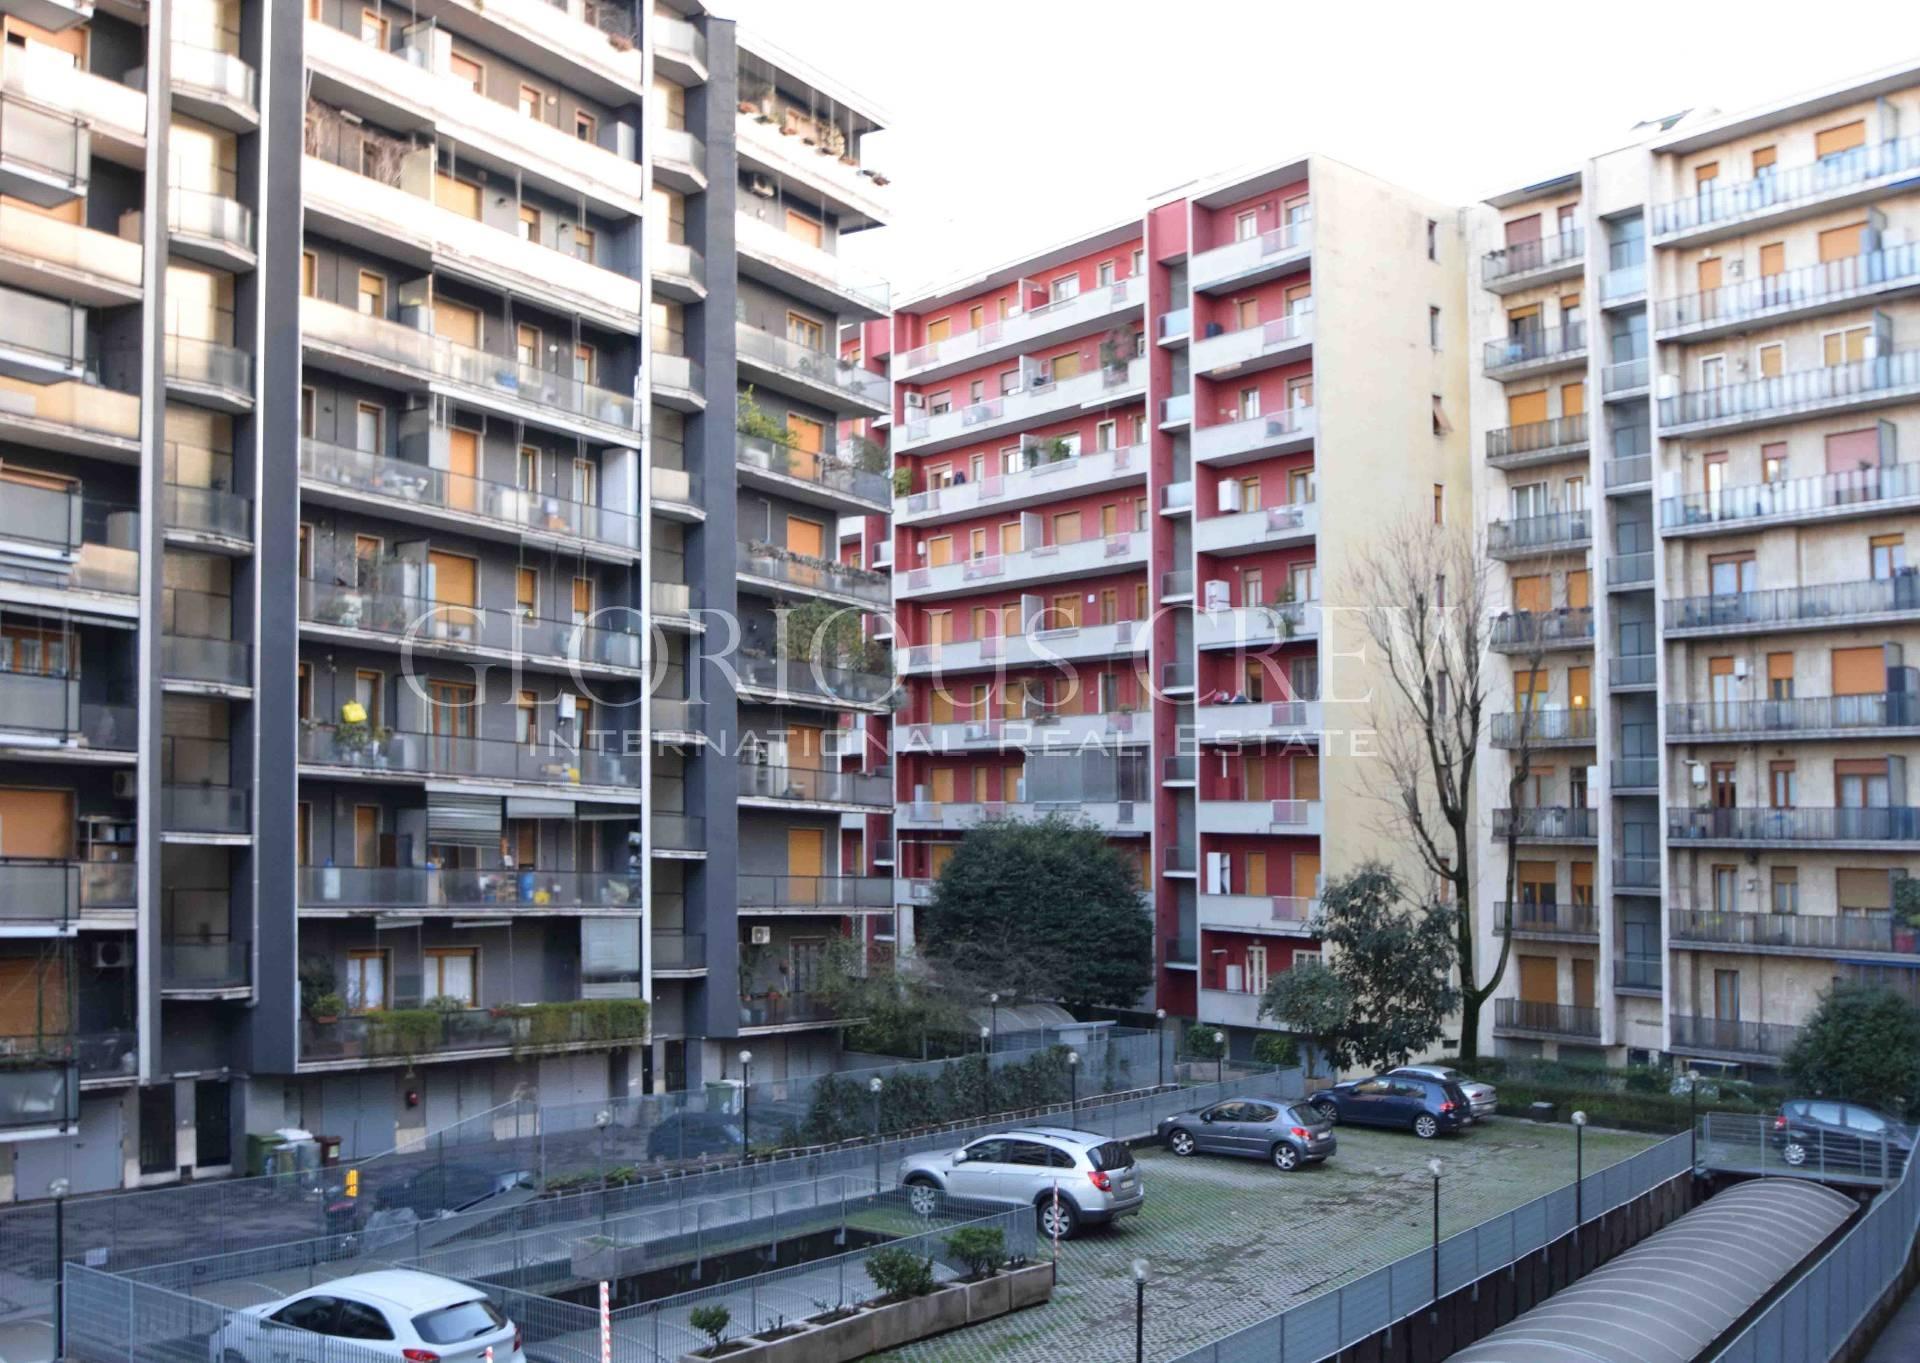 vendita appartamento milano stazione centrale  190000 euro  2 locali  50 mq